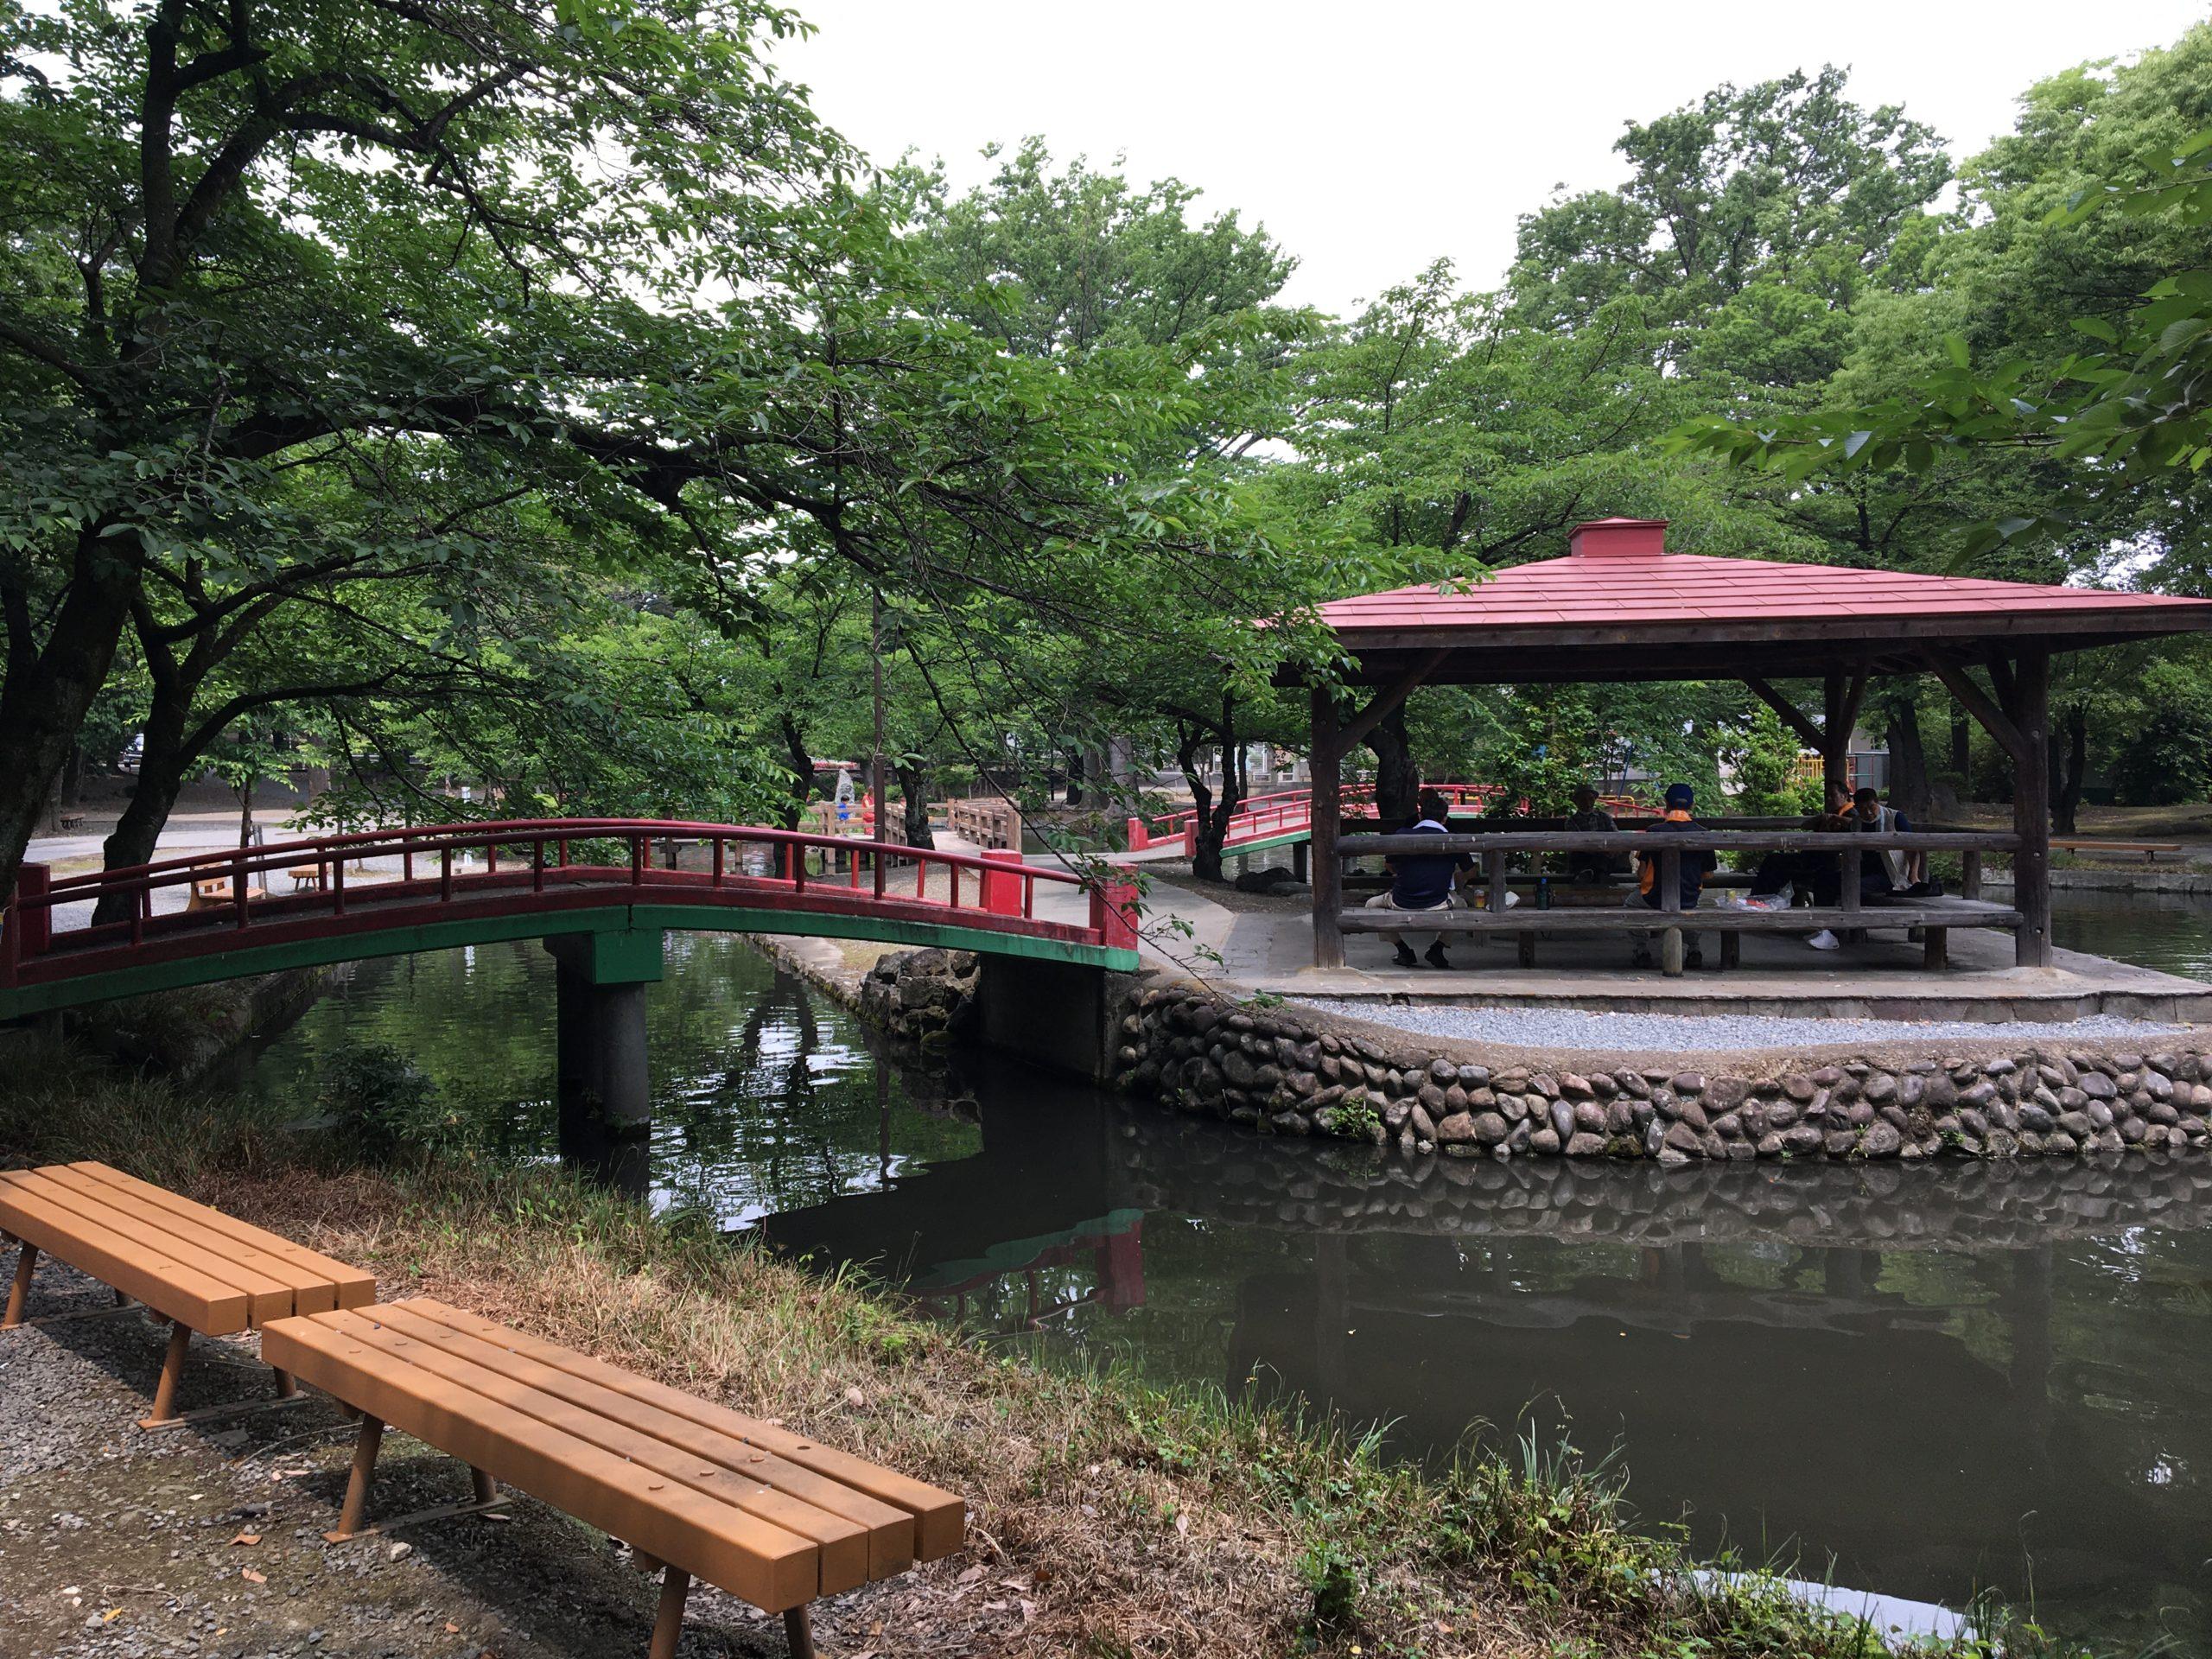 ちゃんと愛ある本庄市 その4 旧流沿いの桜の名所ー若泉公園